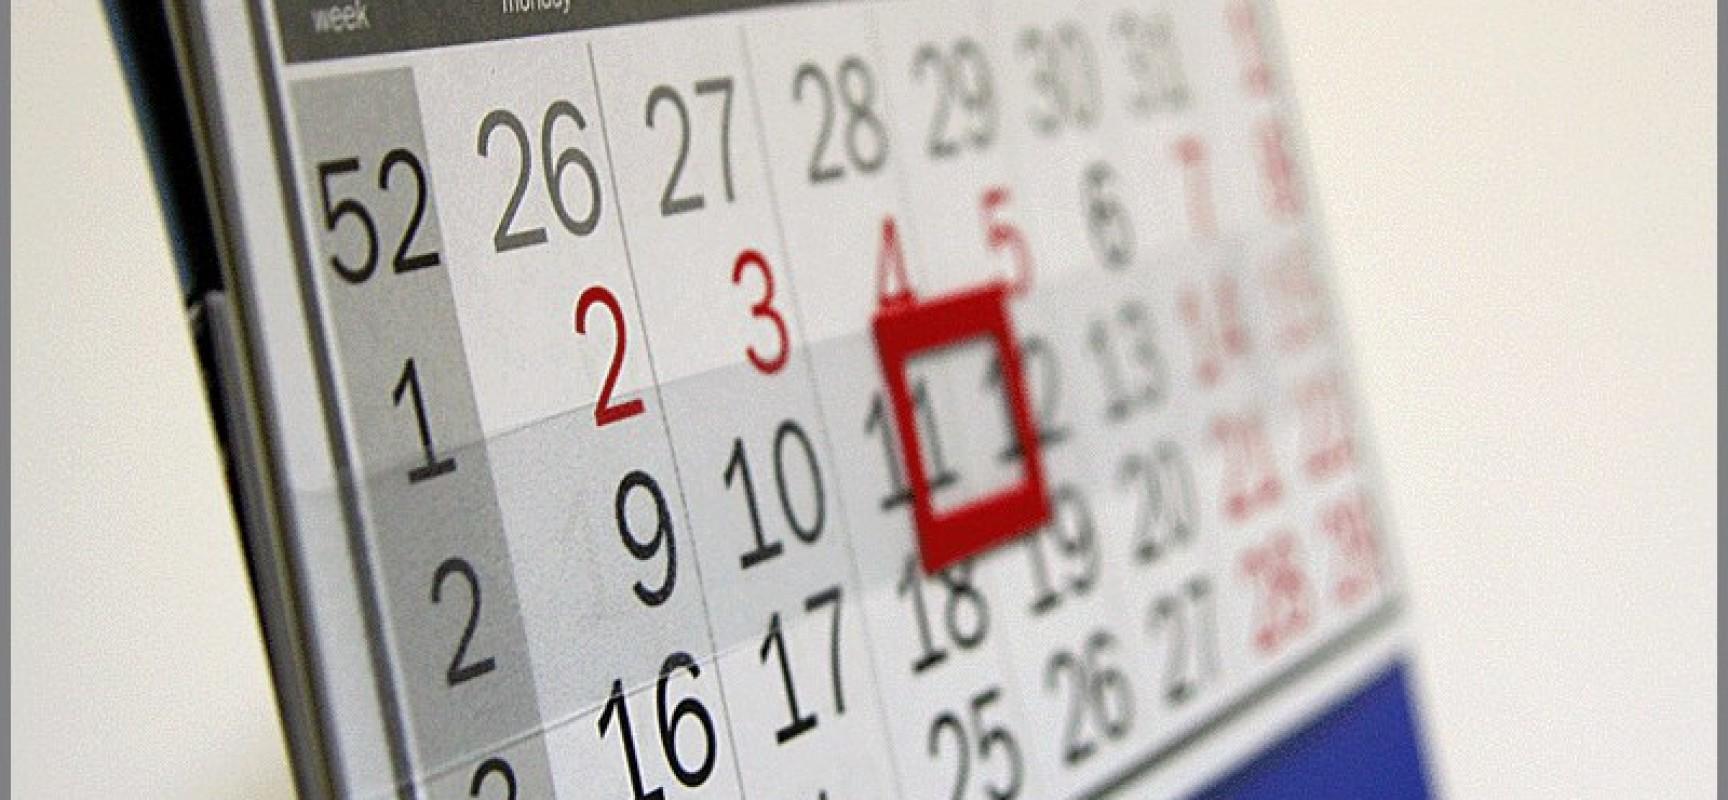 Как в табеле отметить отпуск без сохранения заработной платы?